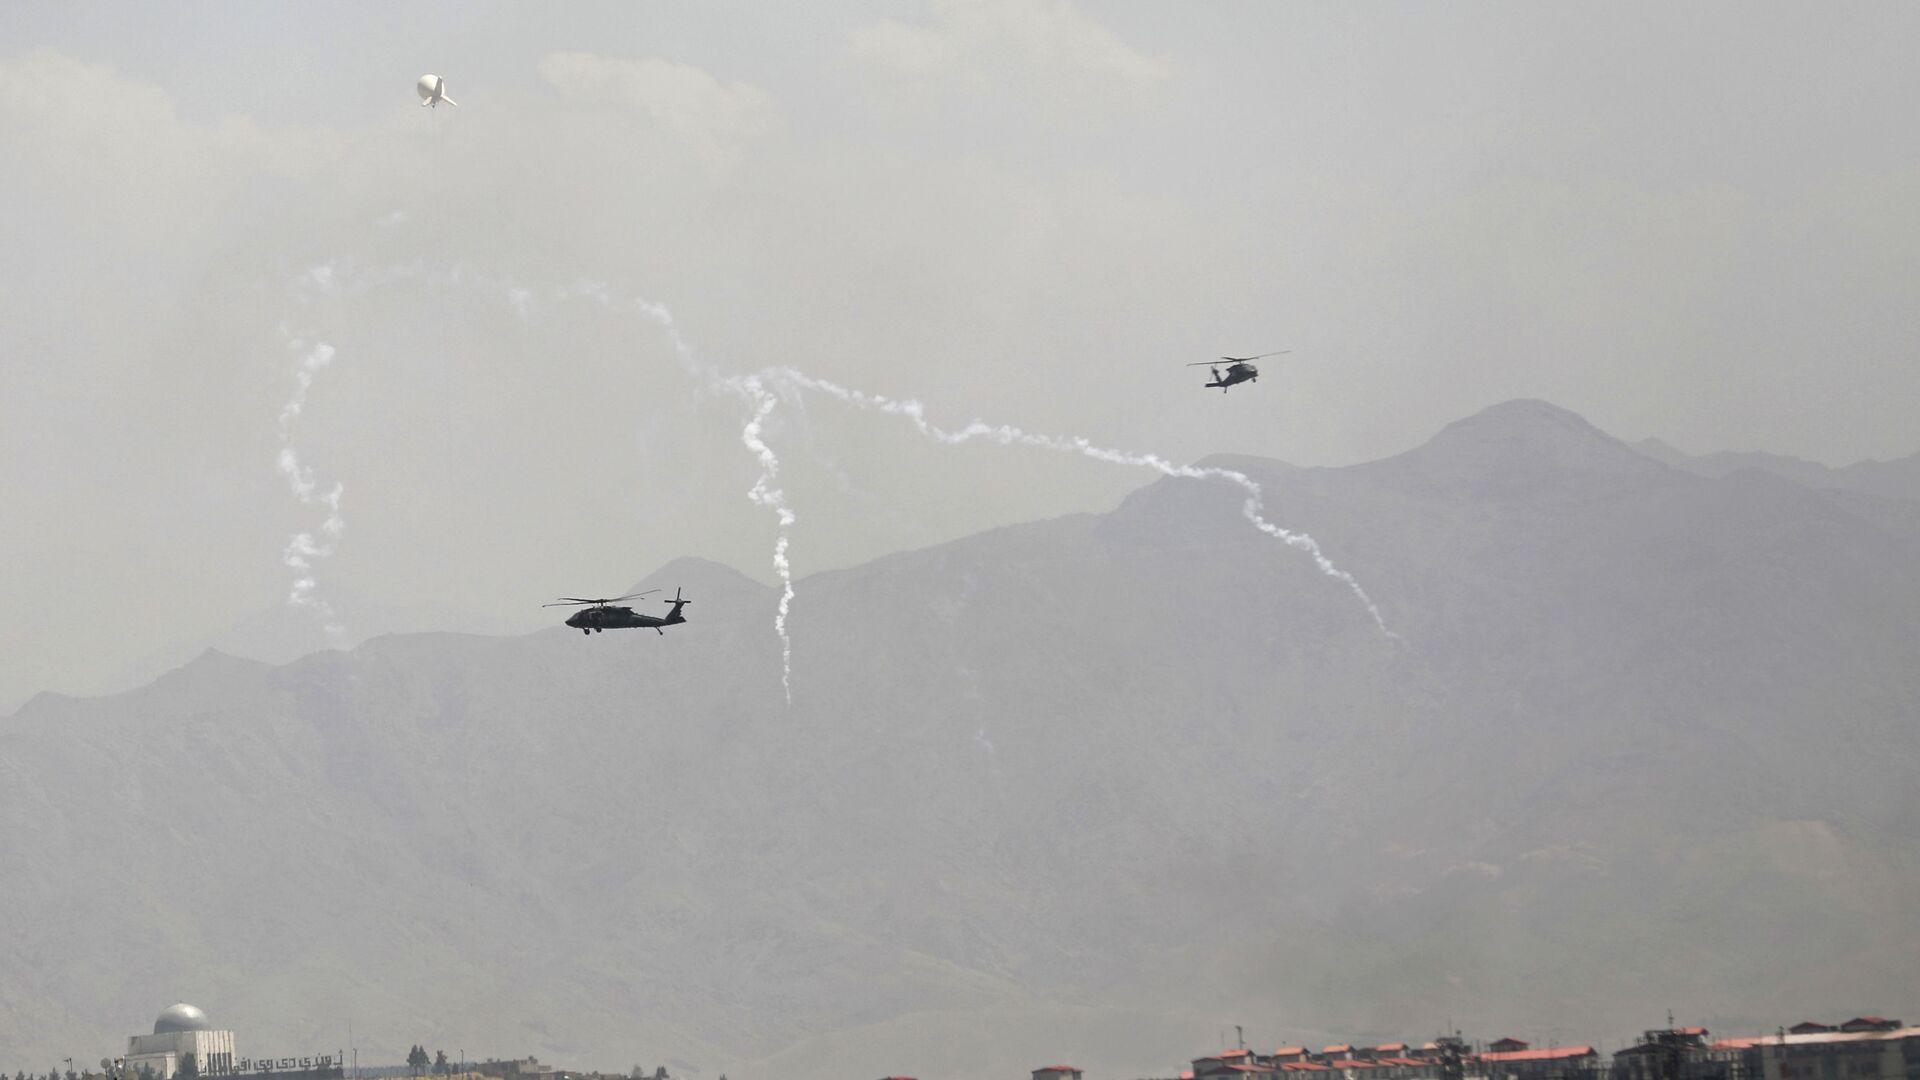 Wabiki przeciwrakietowe zostają uruchomione, gdy śmigłowce USA Black Hawk i balon sterowca przelatują nad miastem Kabul w Afganistanie, niedziela, 15 sierpnia 2021 roku - Sputnik Polska, 1920, 17.08.2021